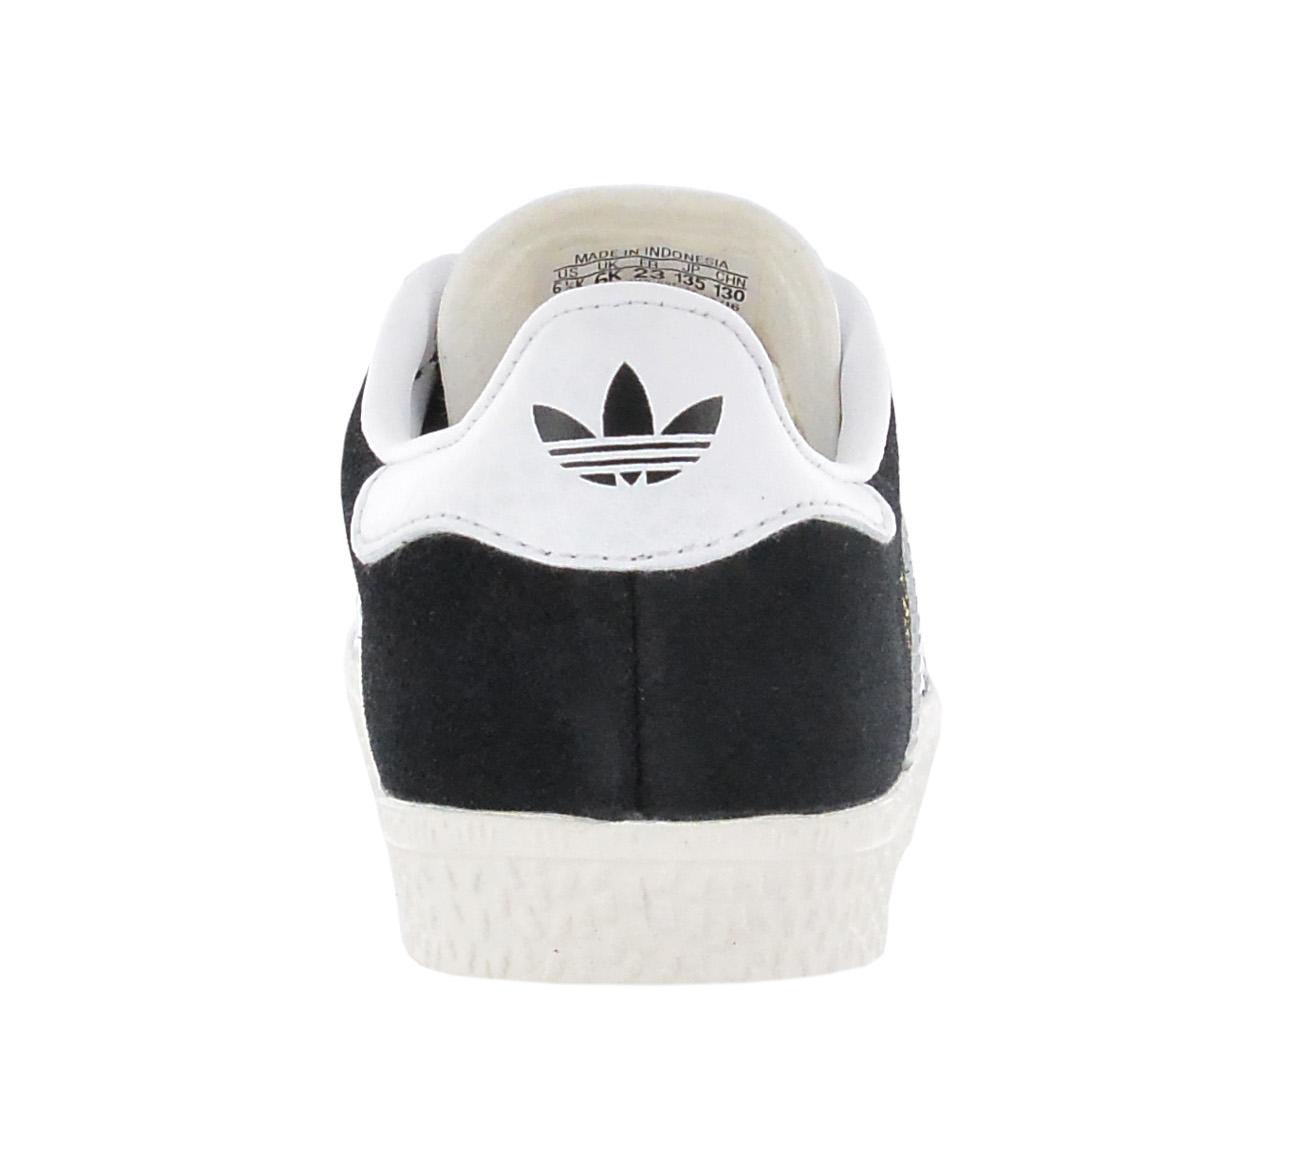 c984572d7682 NEW adidas Gazelle J BB2513 Men  s Shoes Trainers Sneakers SALE